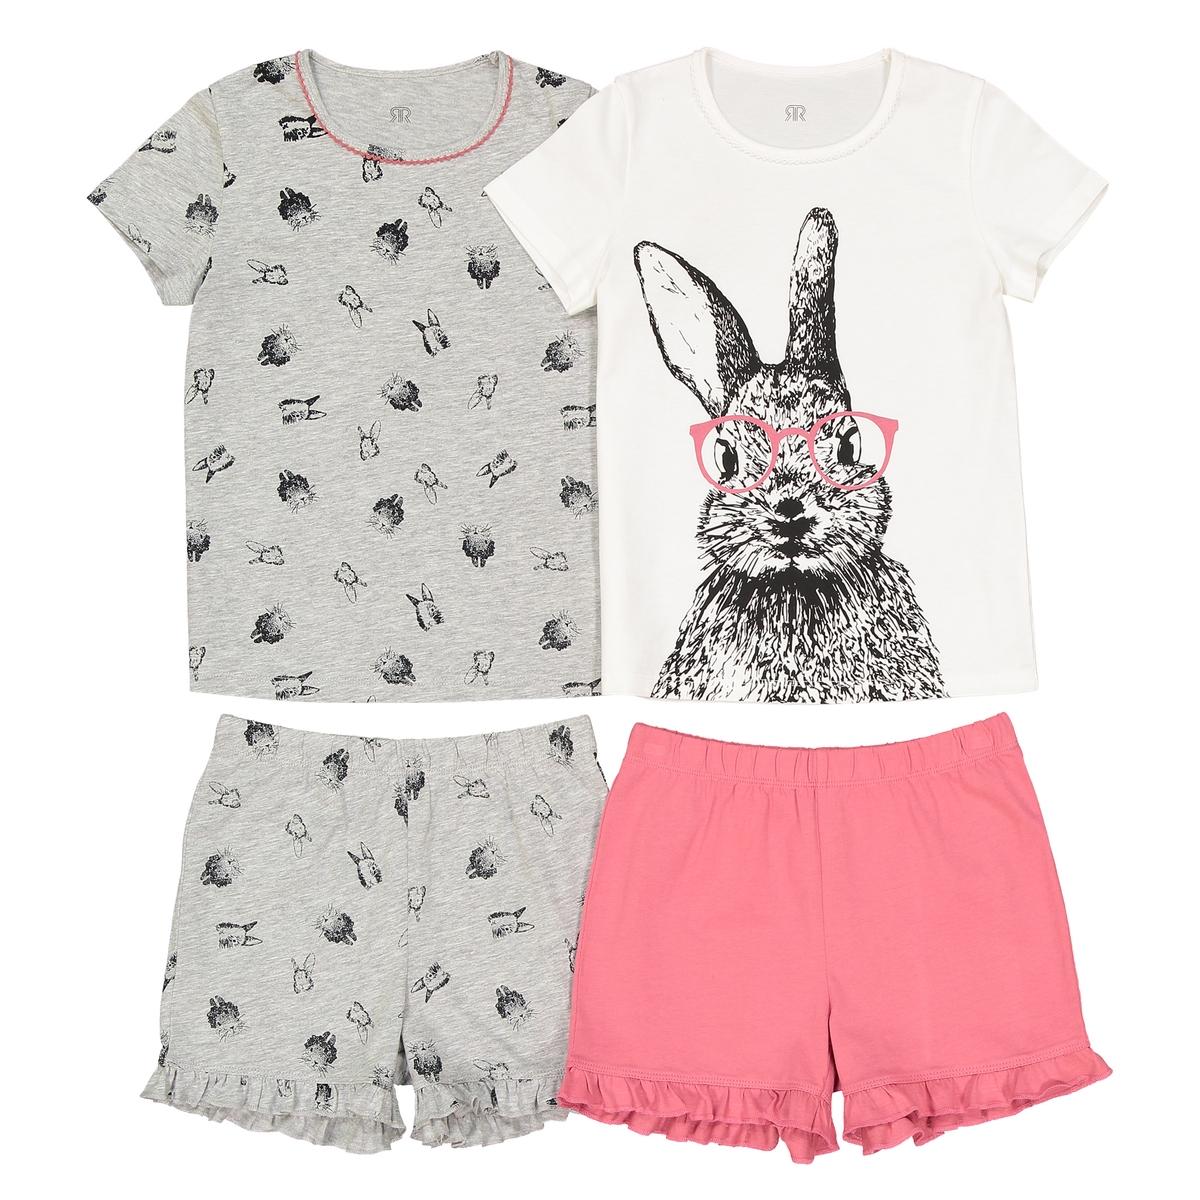 Комплект из 2 пижам с принтом заяц, 3-12 лет пижама с шортами с рисунком 2 12 лет